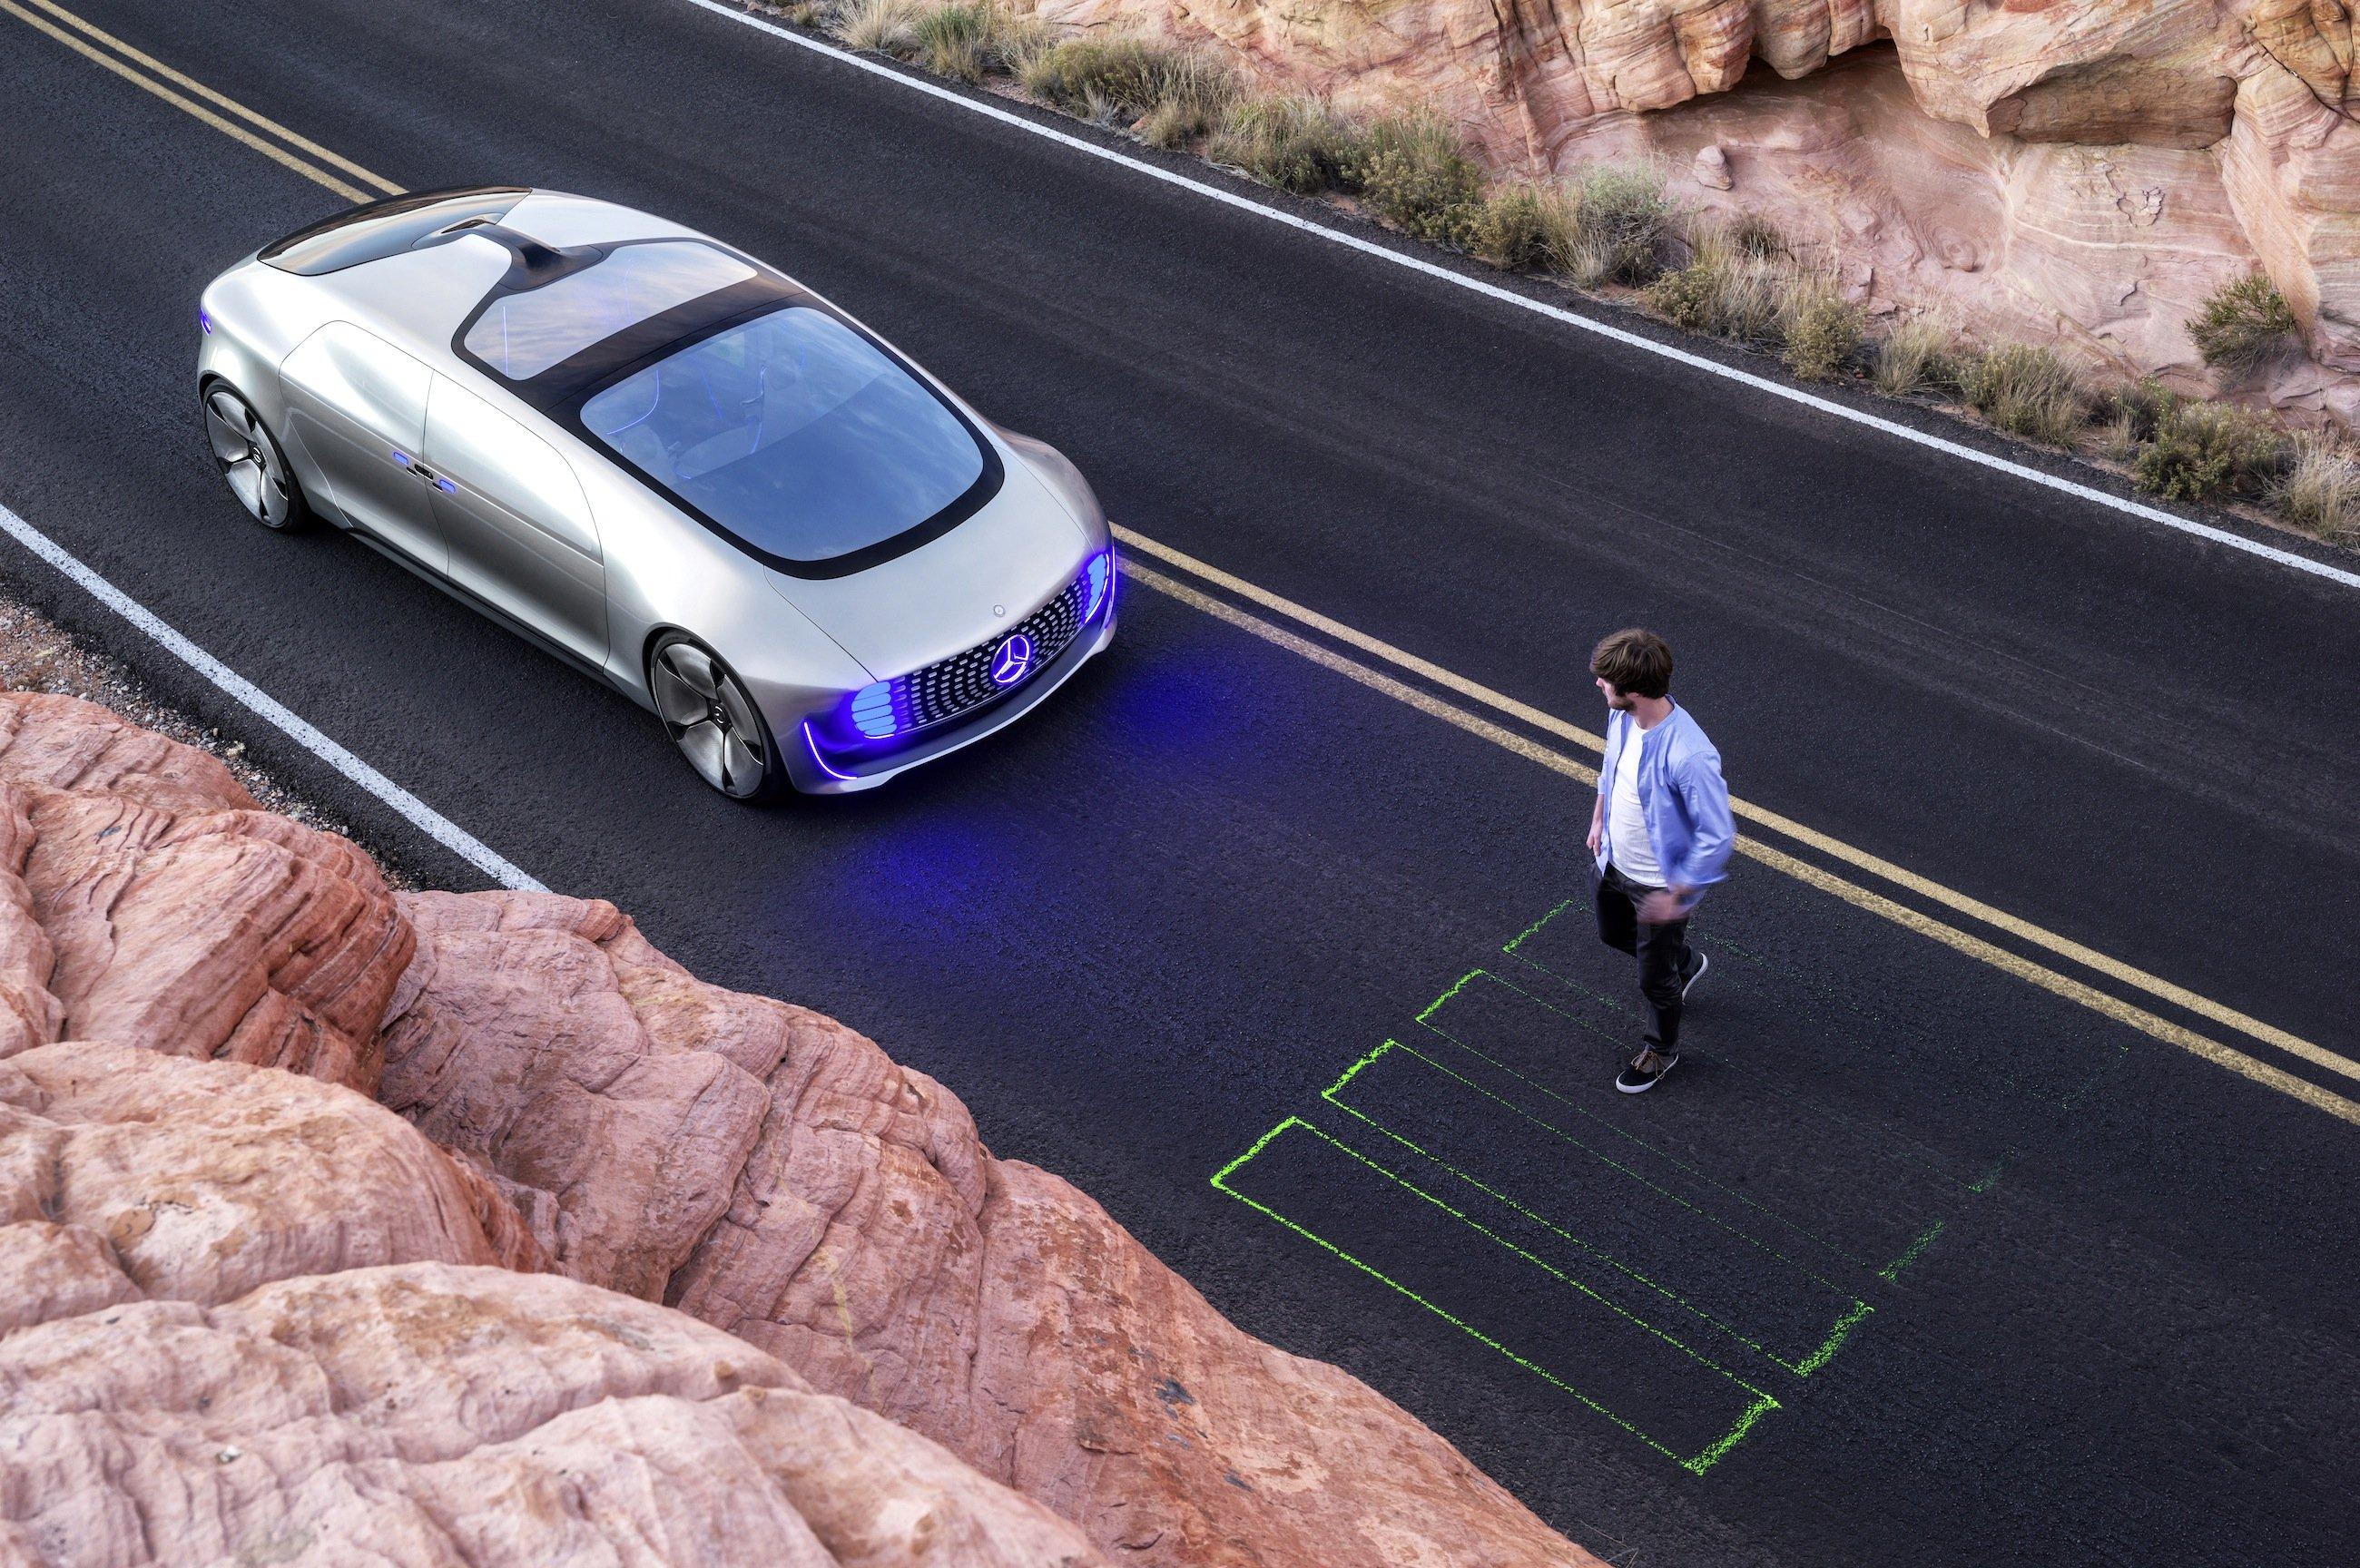 Die LED in der Front signalisieren dem Fußgänger, dass er die Straße überqueren kann. Per Laser kann das Auto sogar einen Zebrastreifen auf die Straße werfen.